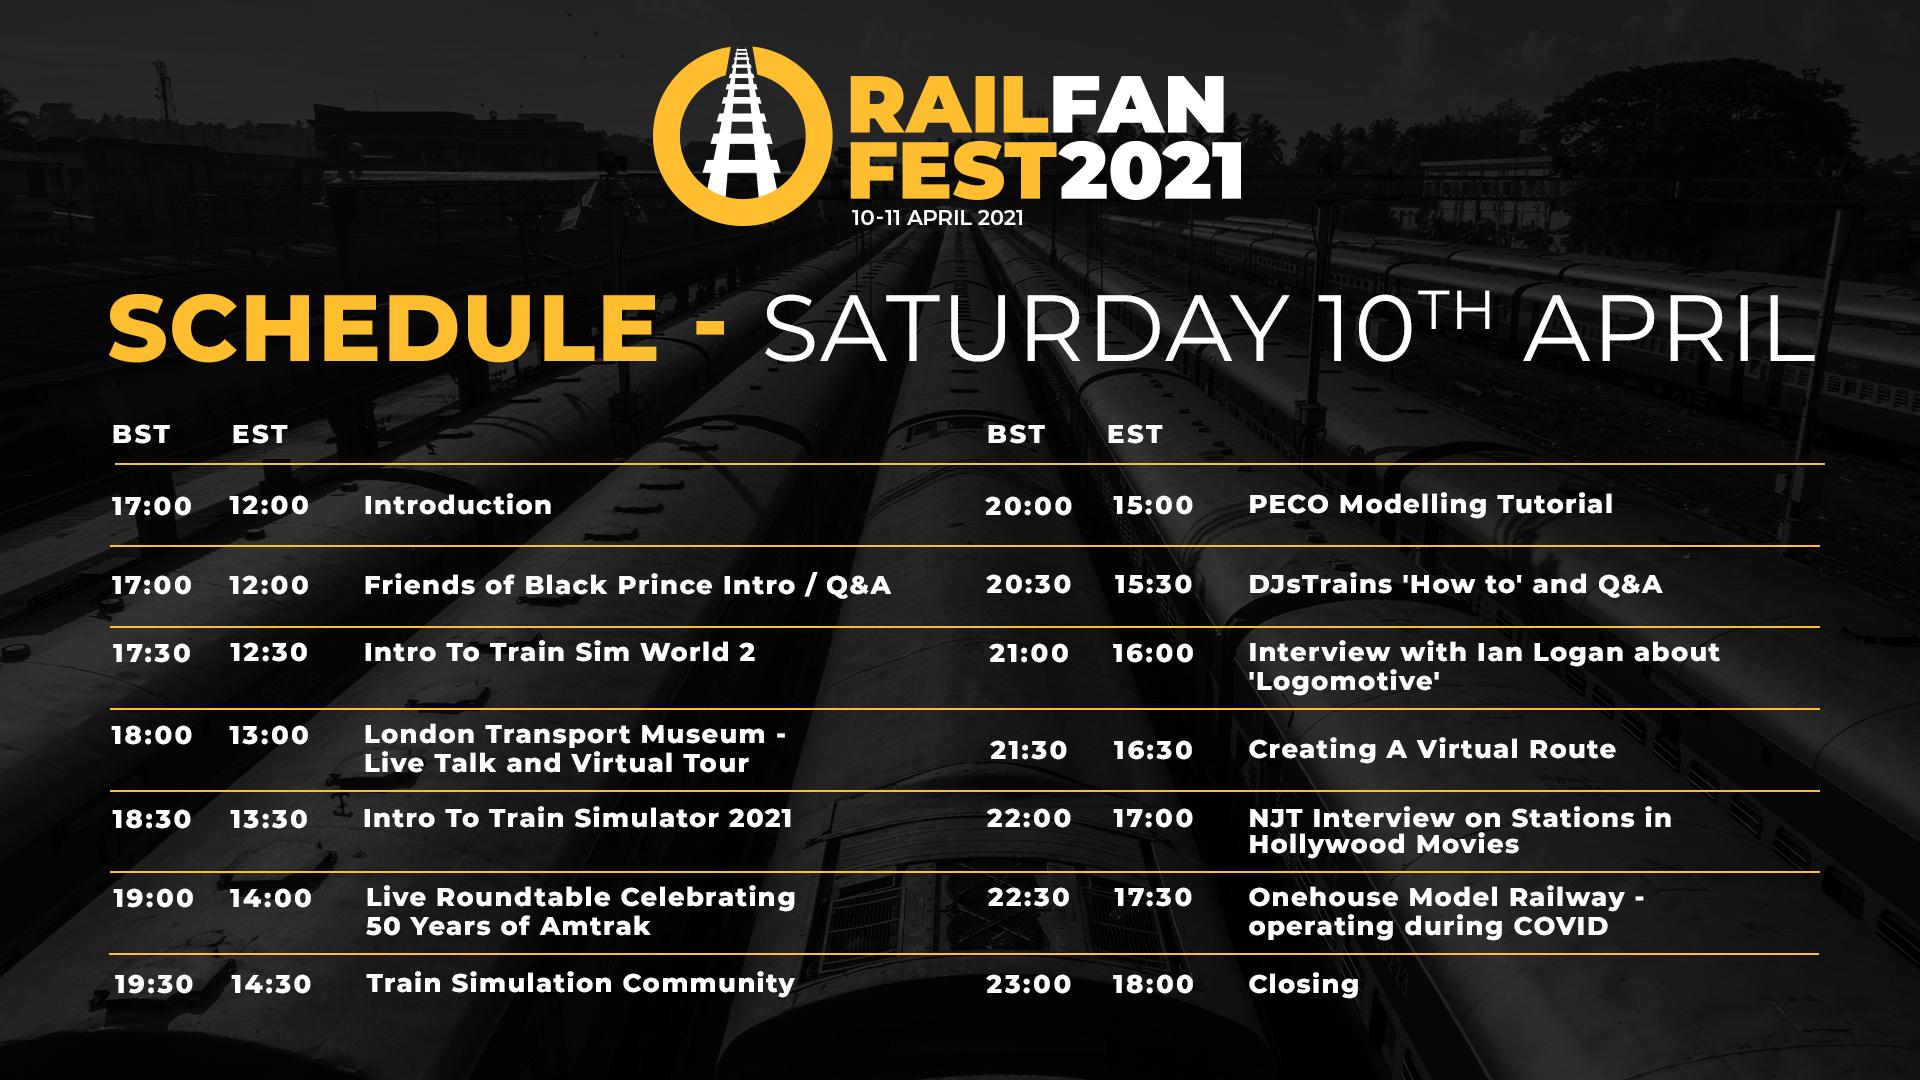 RailfanFest-Schedule-Saturday